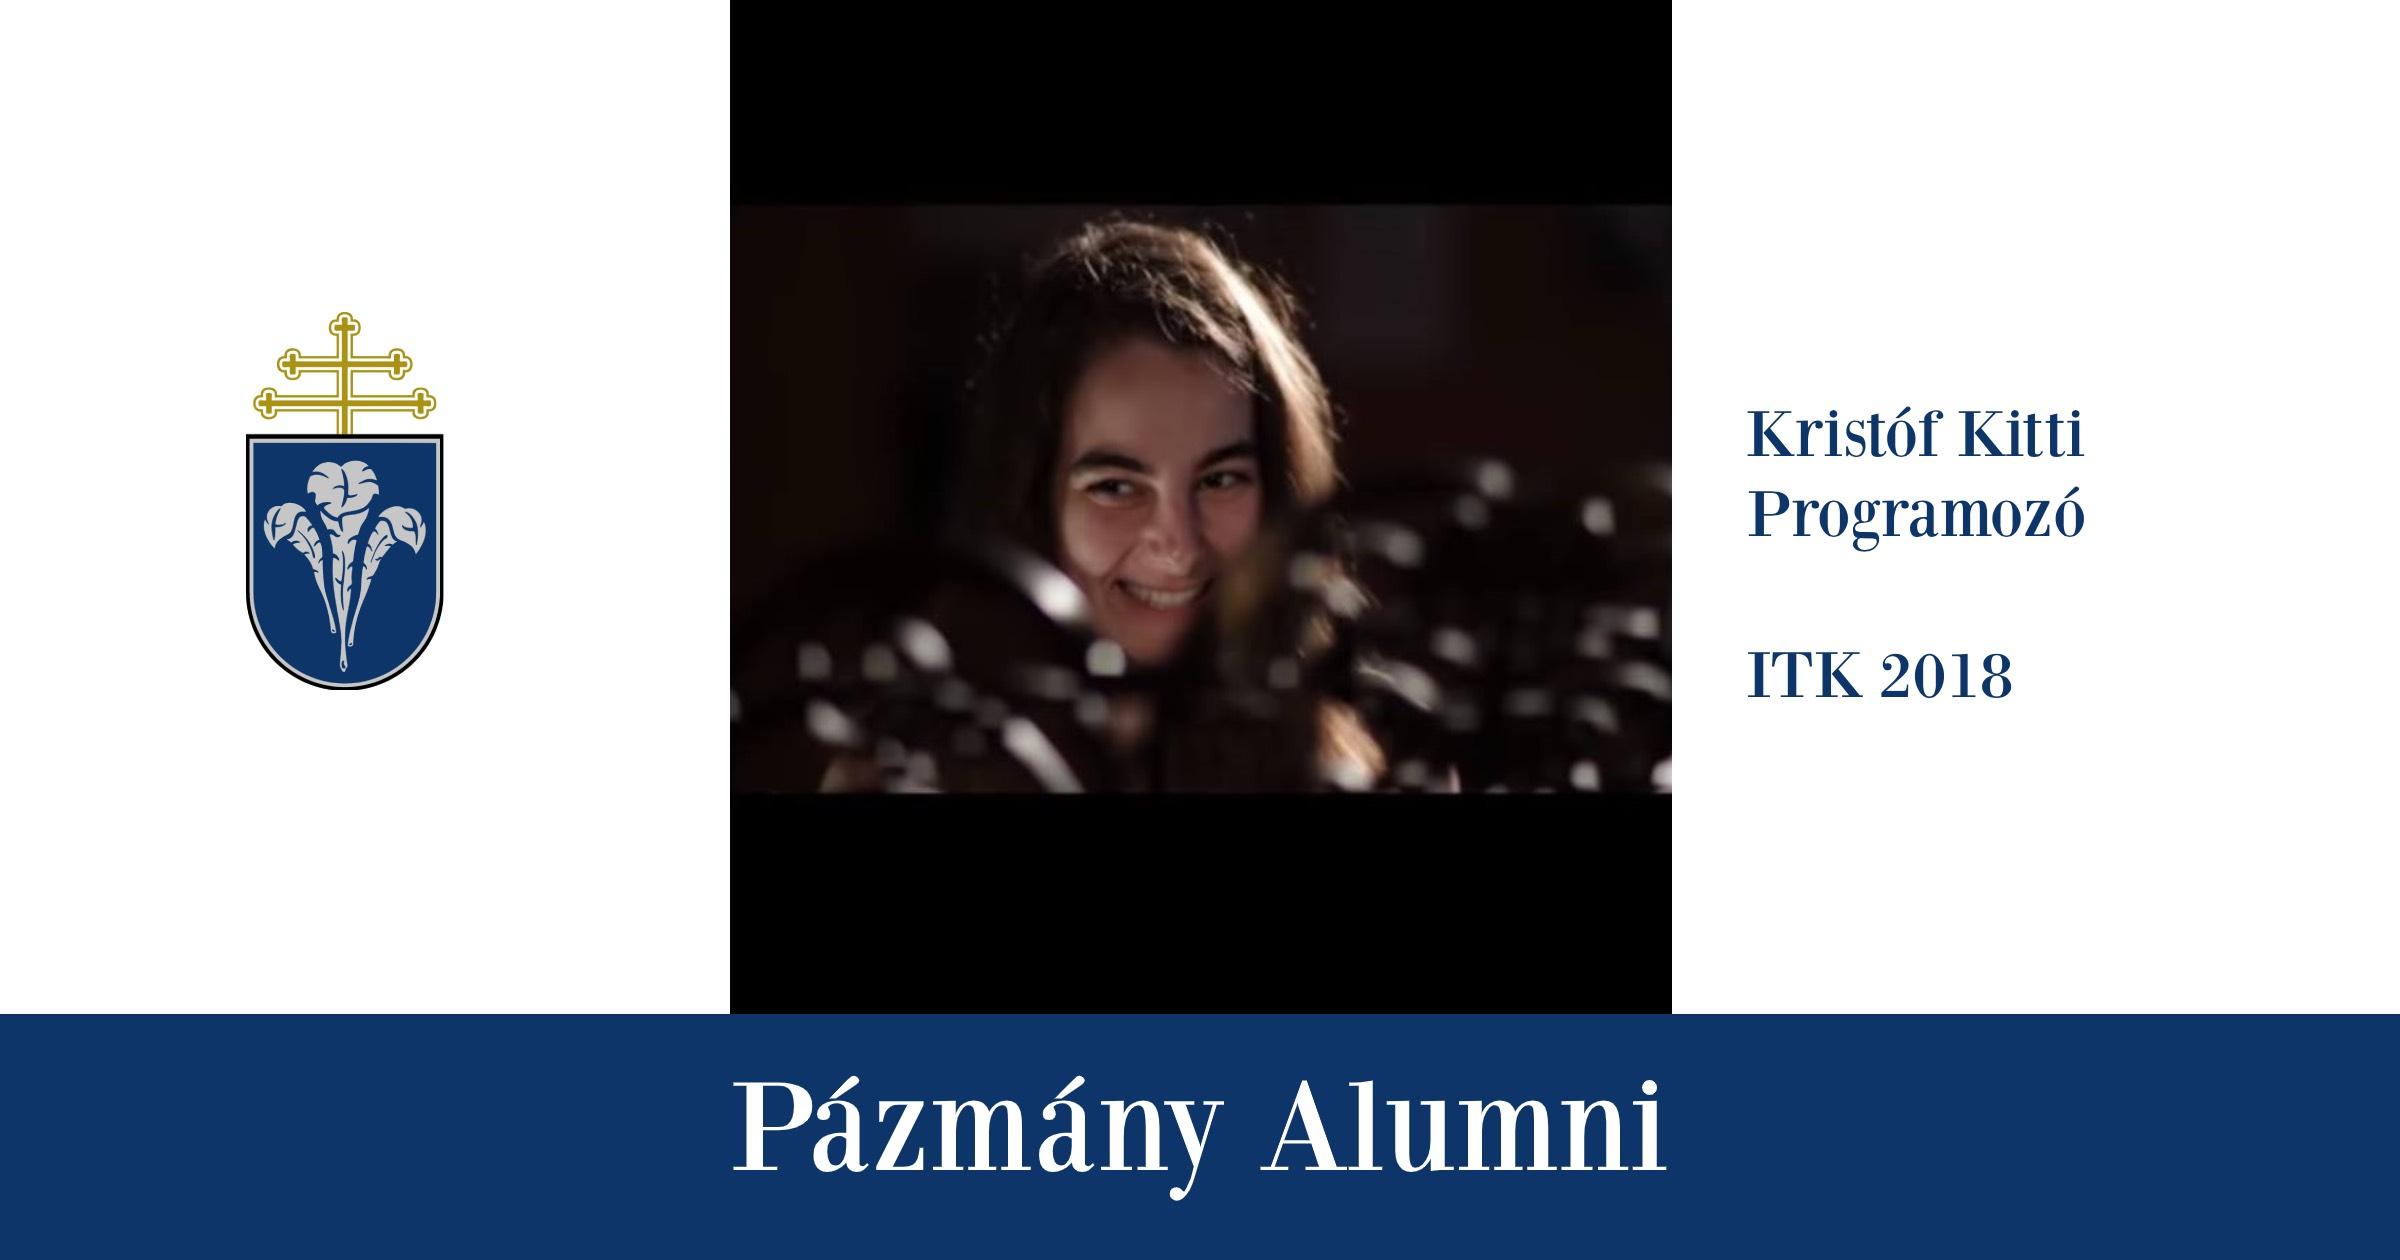 Pázmány Alumni: interjú Kristóf Kittivel, az ITK egykori hallgatójával